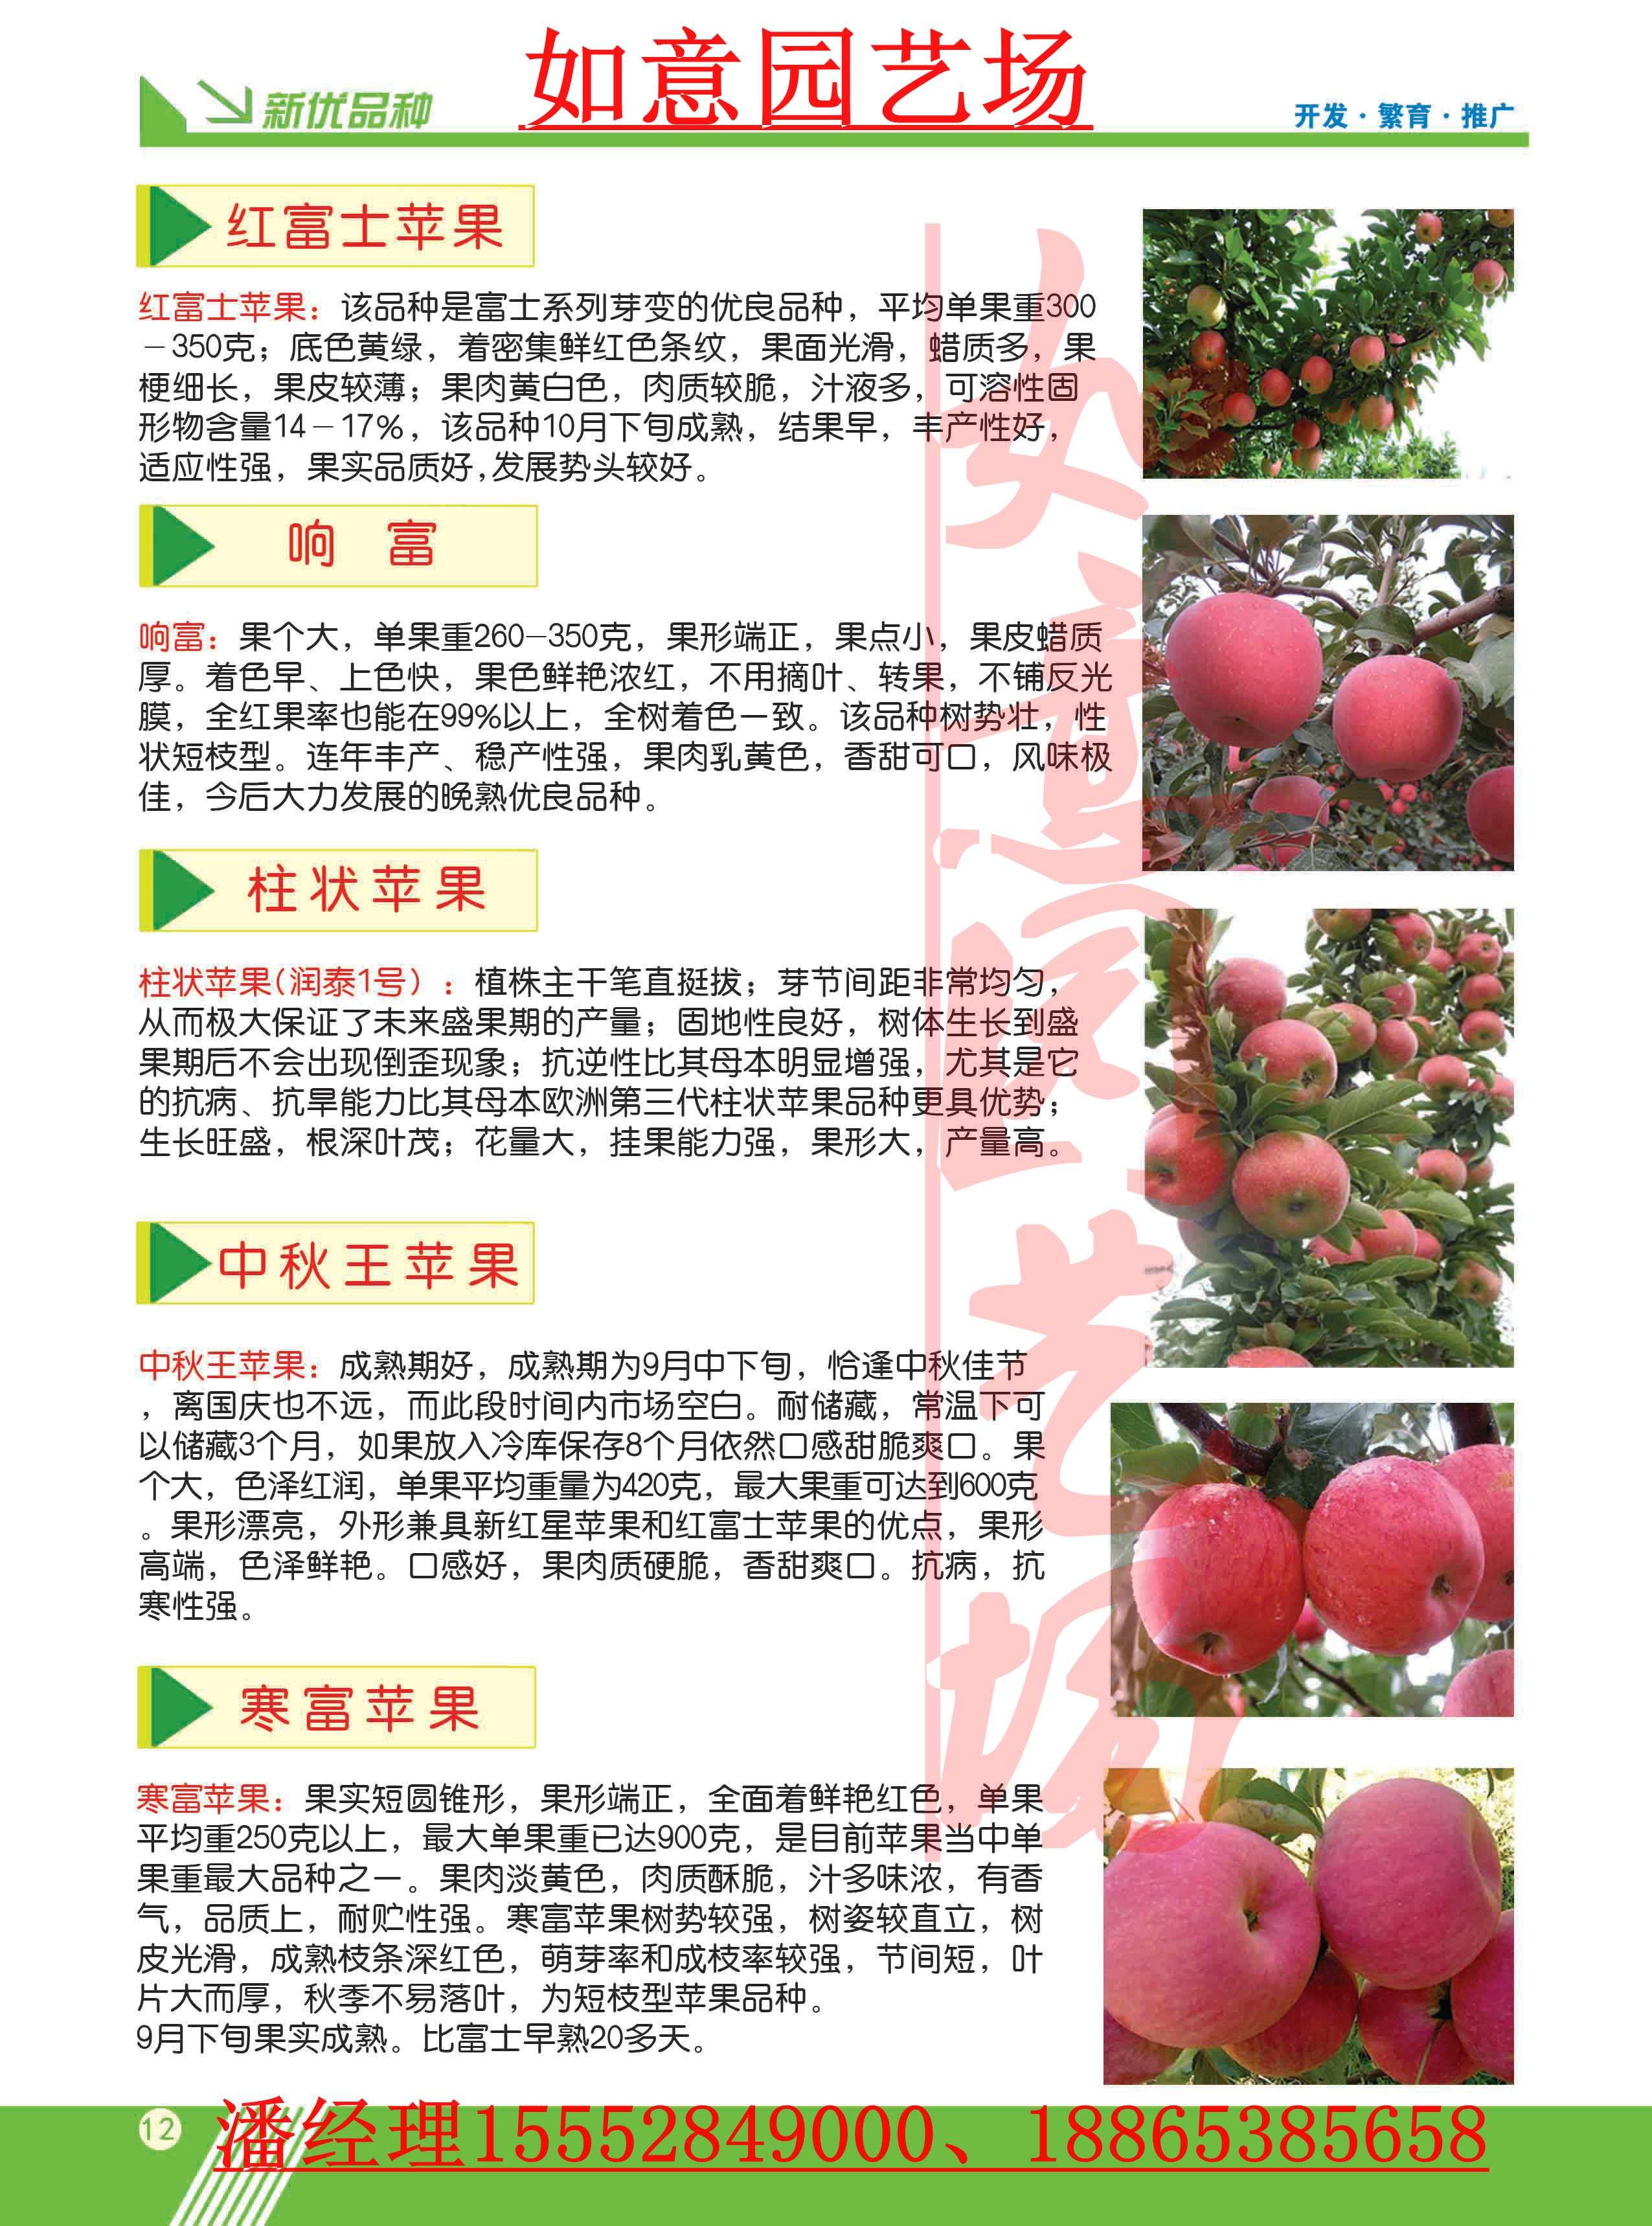 福州晚熟桃苗生产厂家